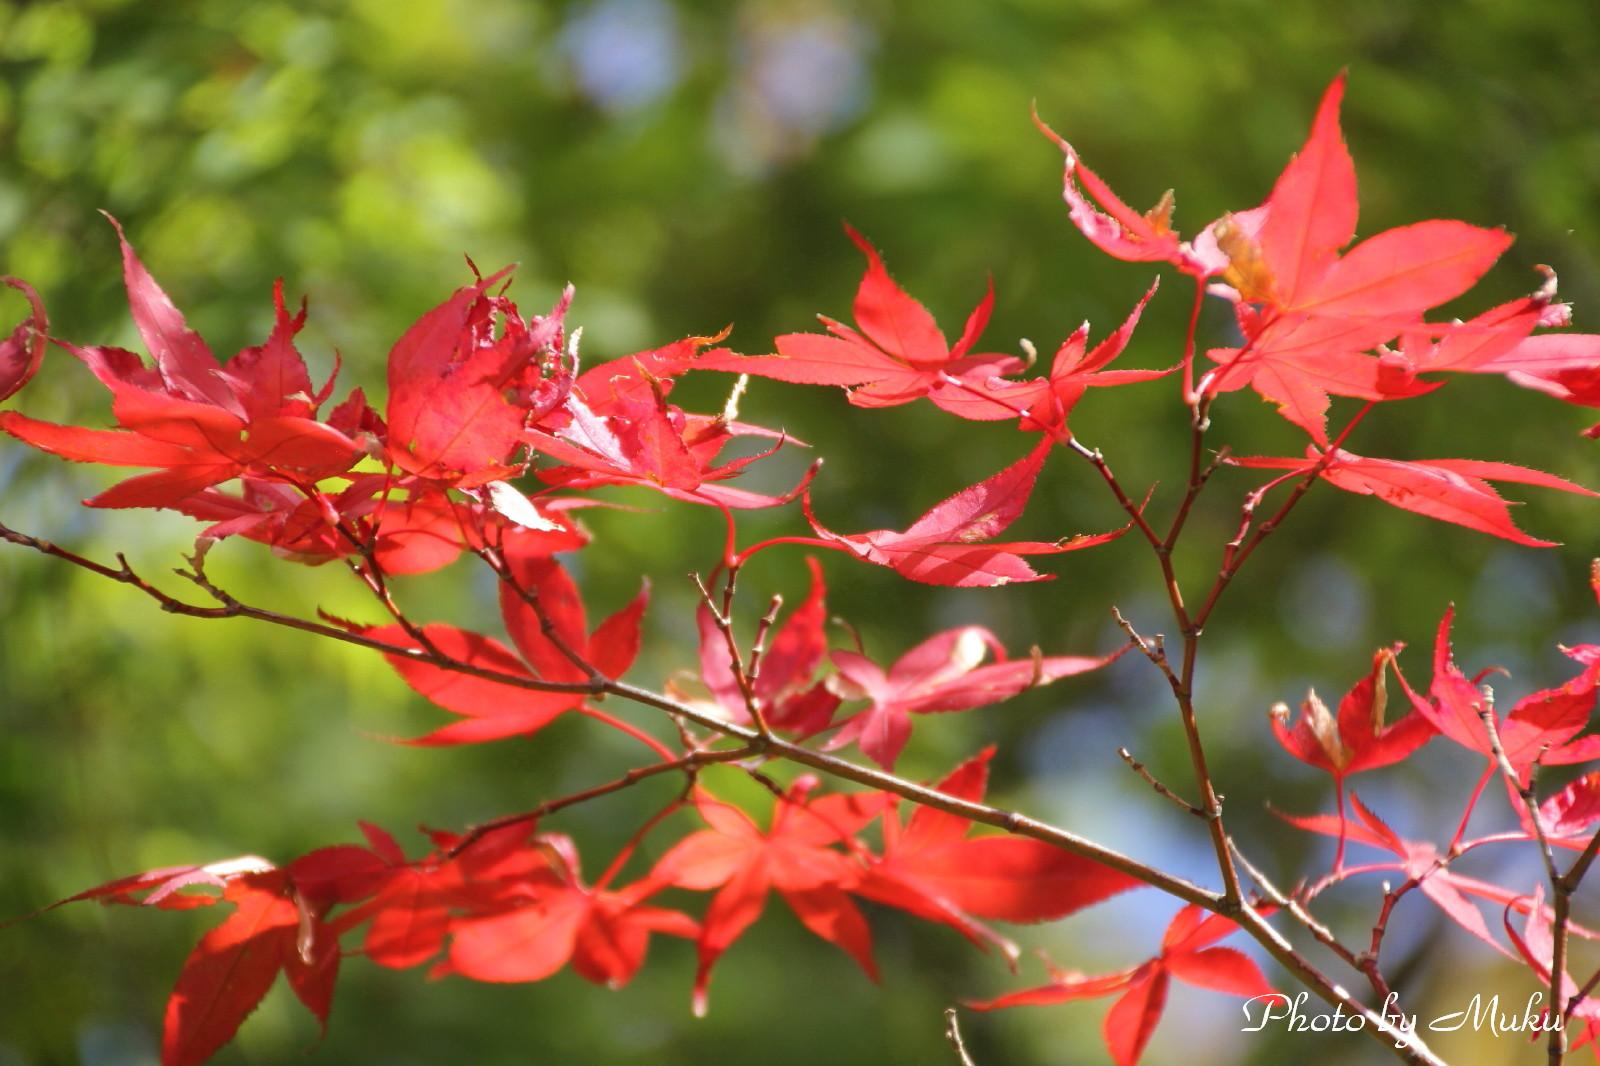 2014.10.19 楓紅葉 (湿性花園:神奈川県下足柄郡箱根町)